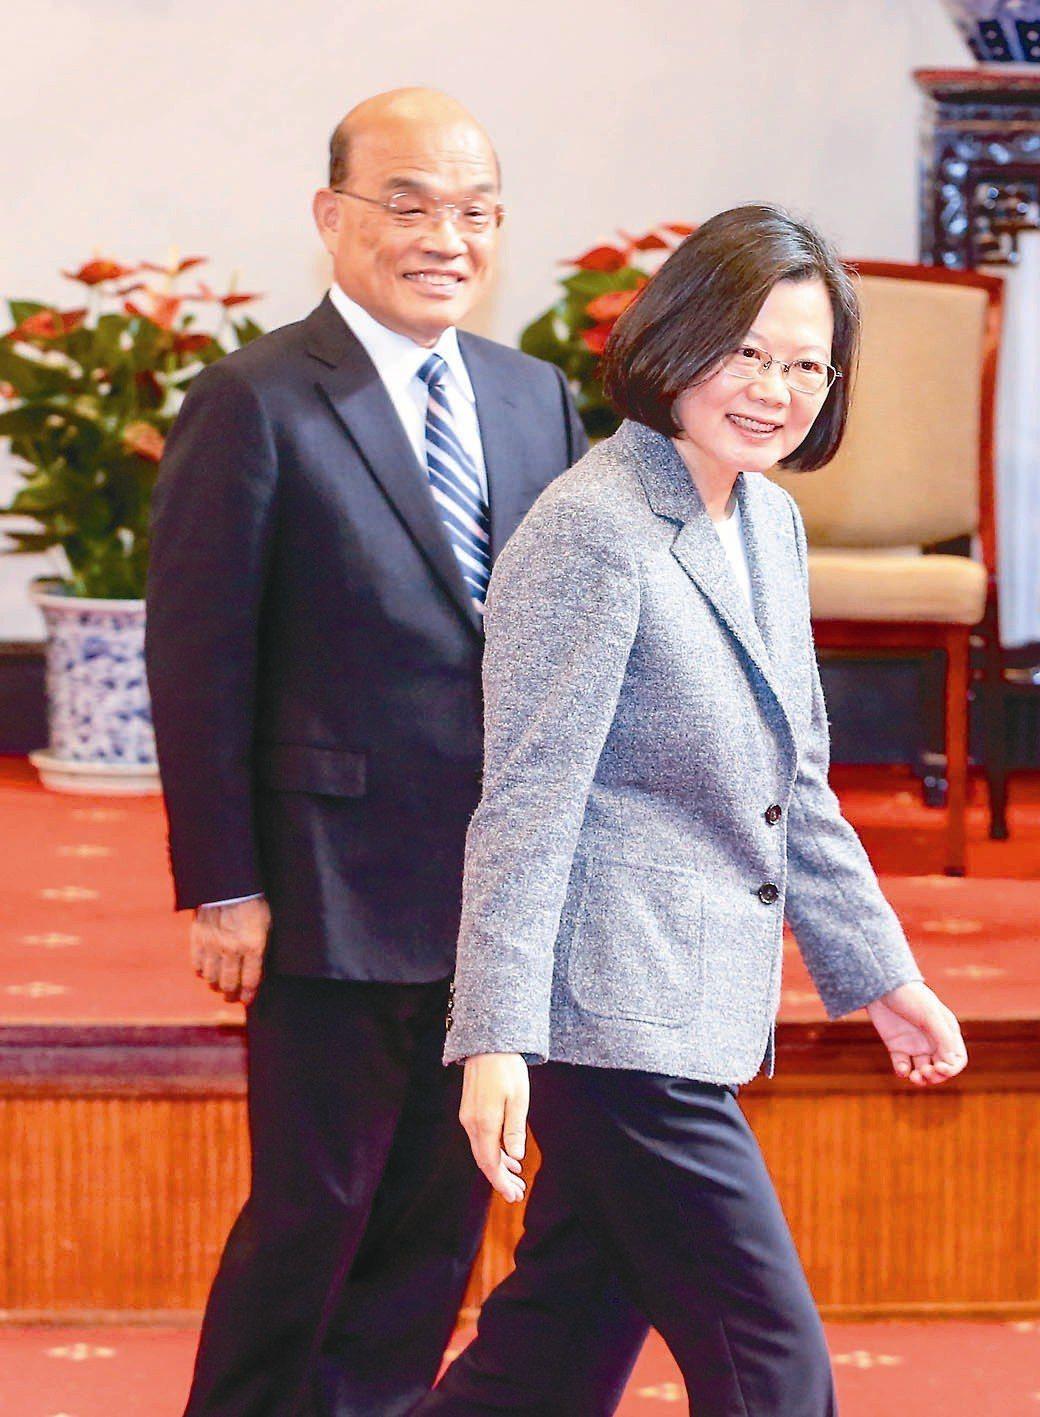 蔡英文、蘇貞昌彷彿都吃重鹹,爭著要把台灣逼上戰場。本報資料照片